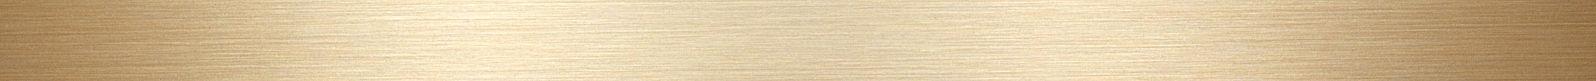 Brushed%25252520gold%25252520metal%25252